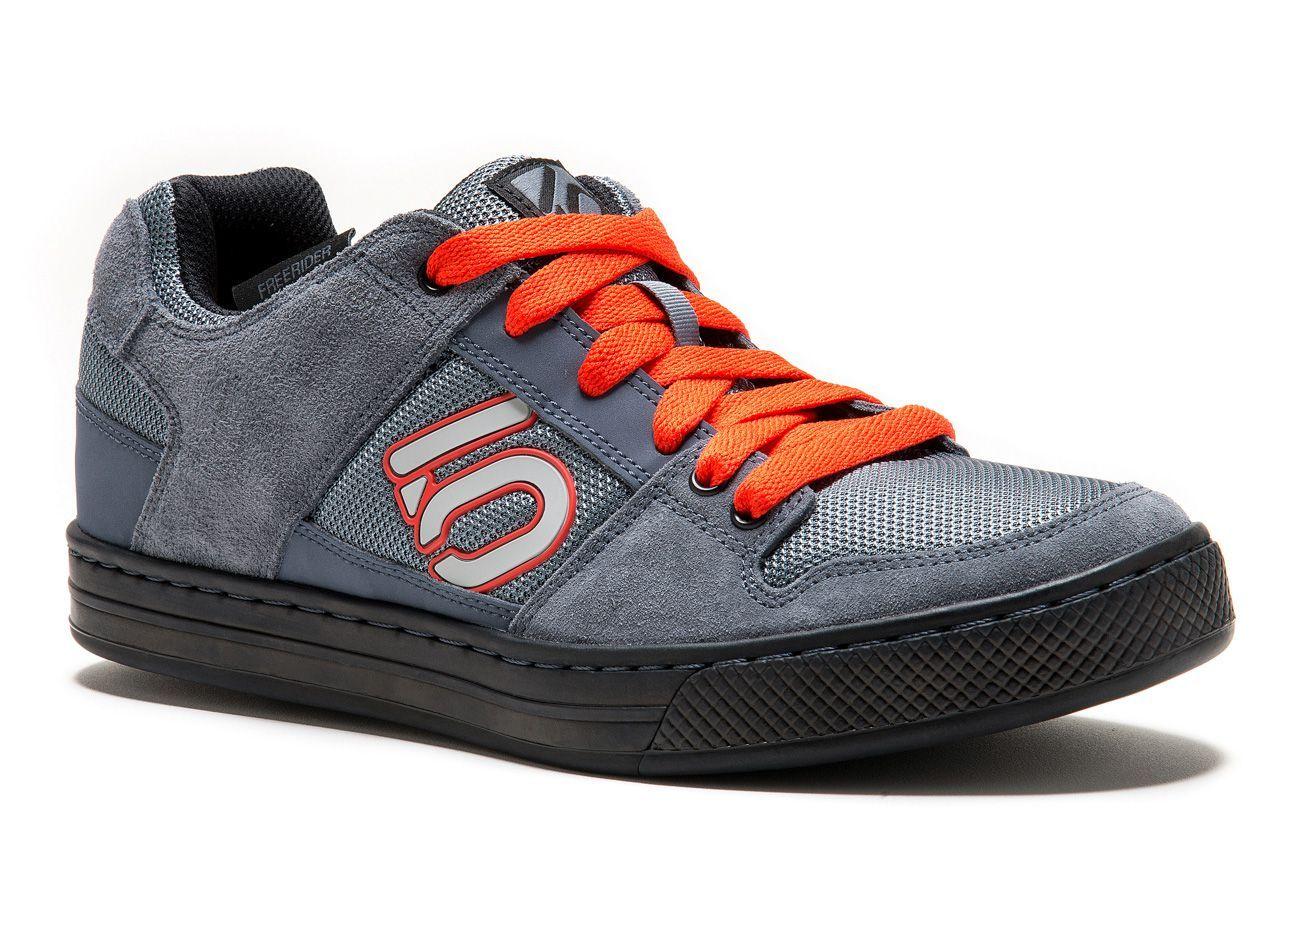 Black//Khaki 9.5 Five Ten Freerider Men/'s Flat Shoe